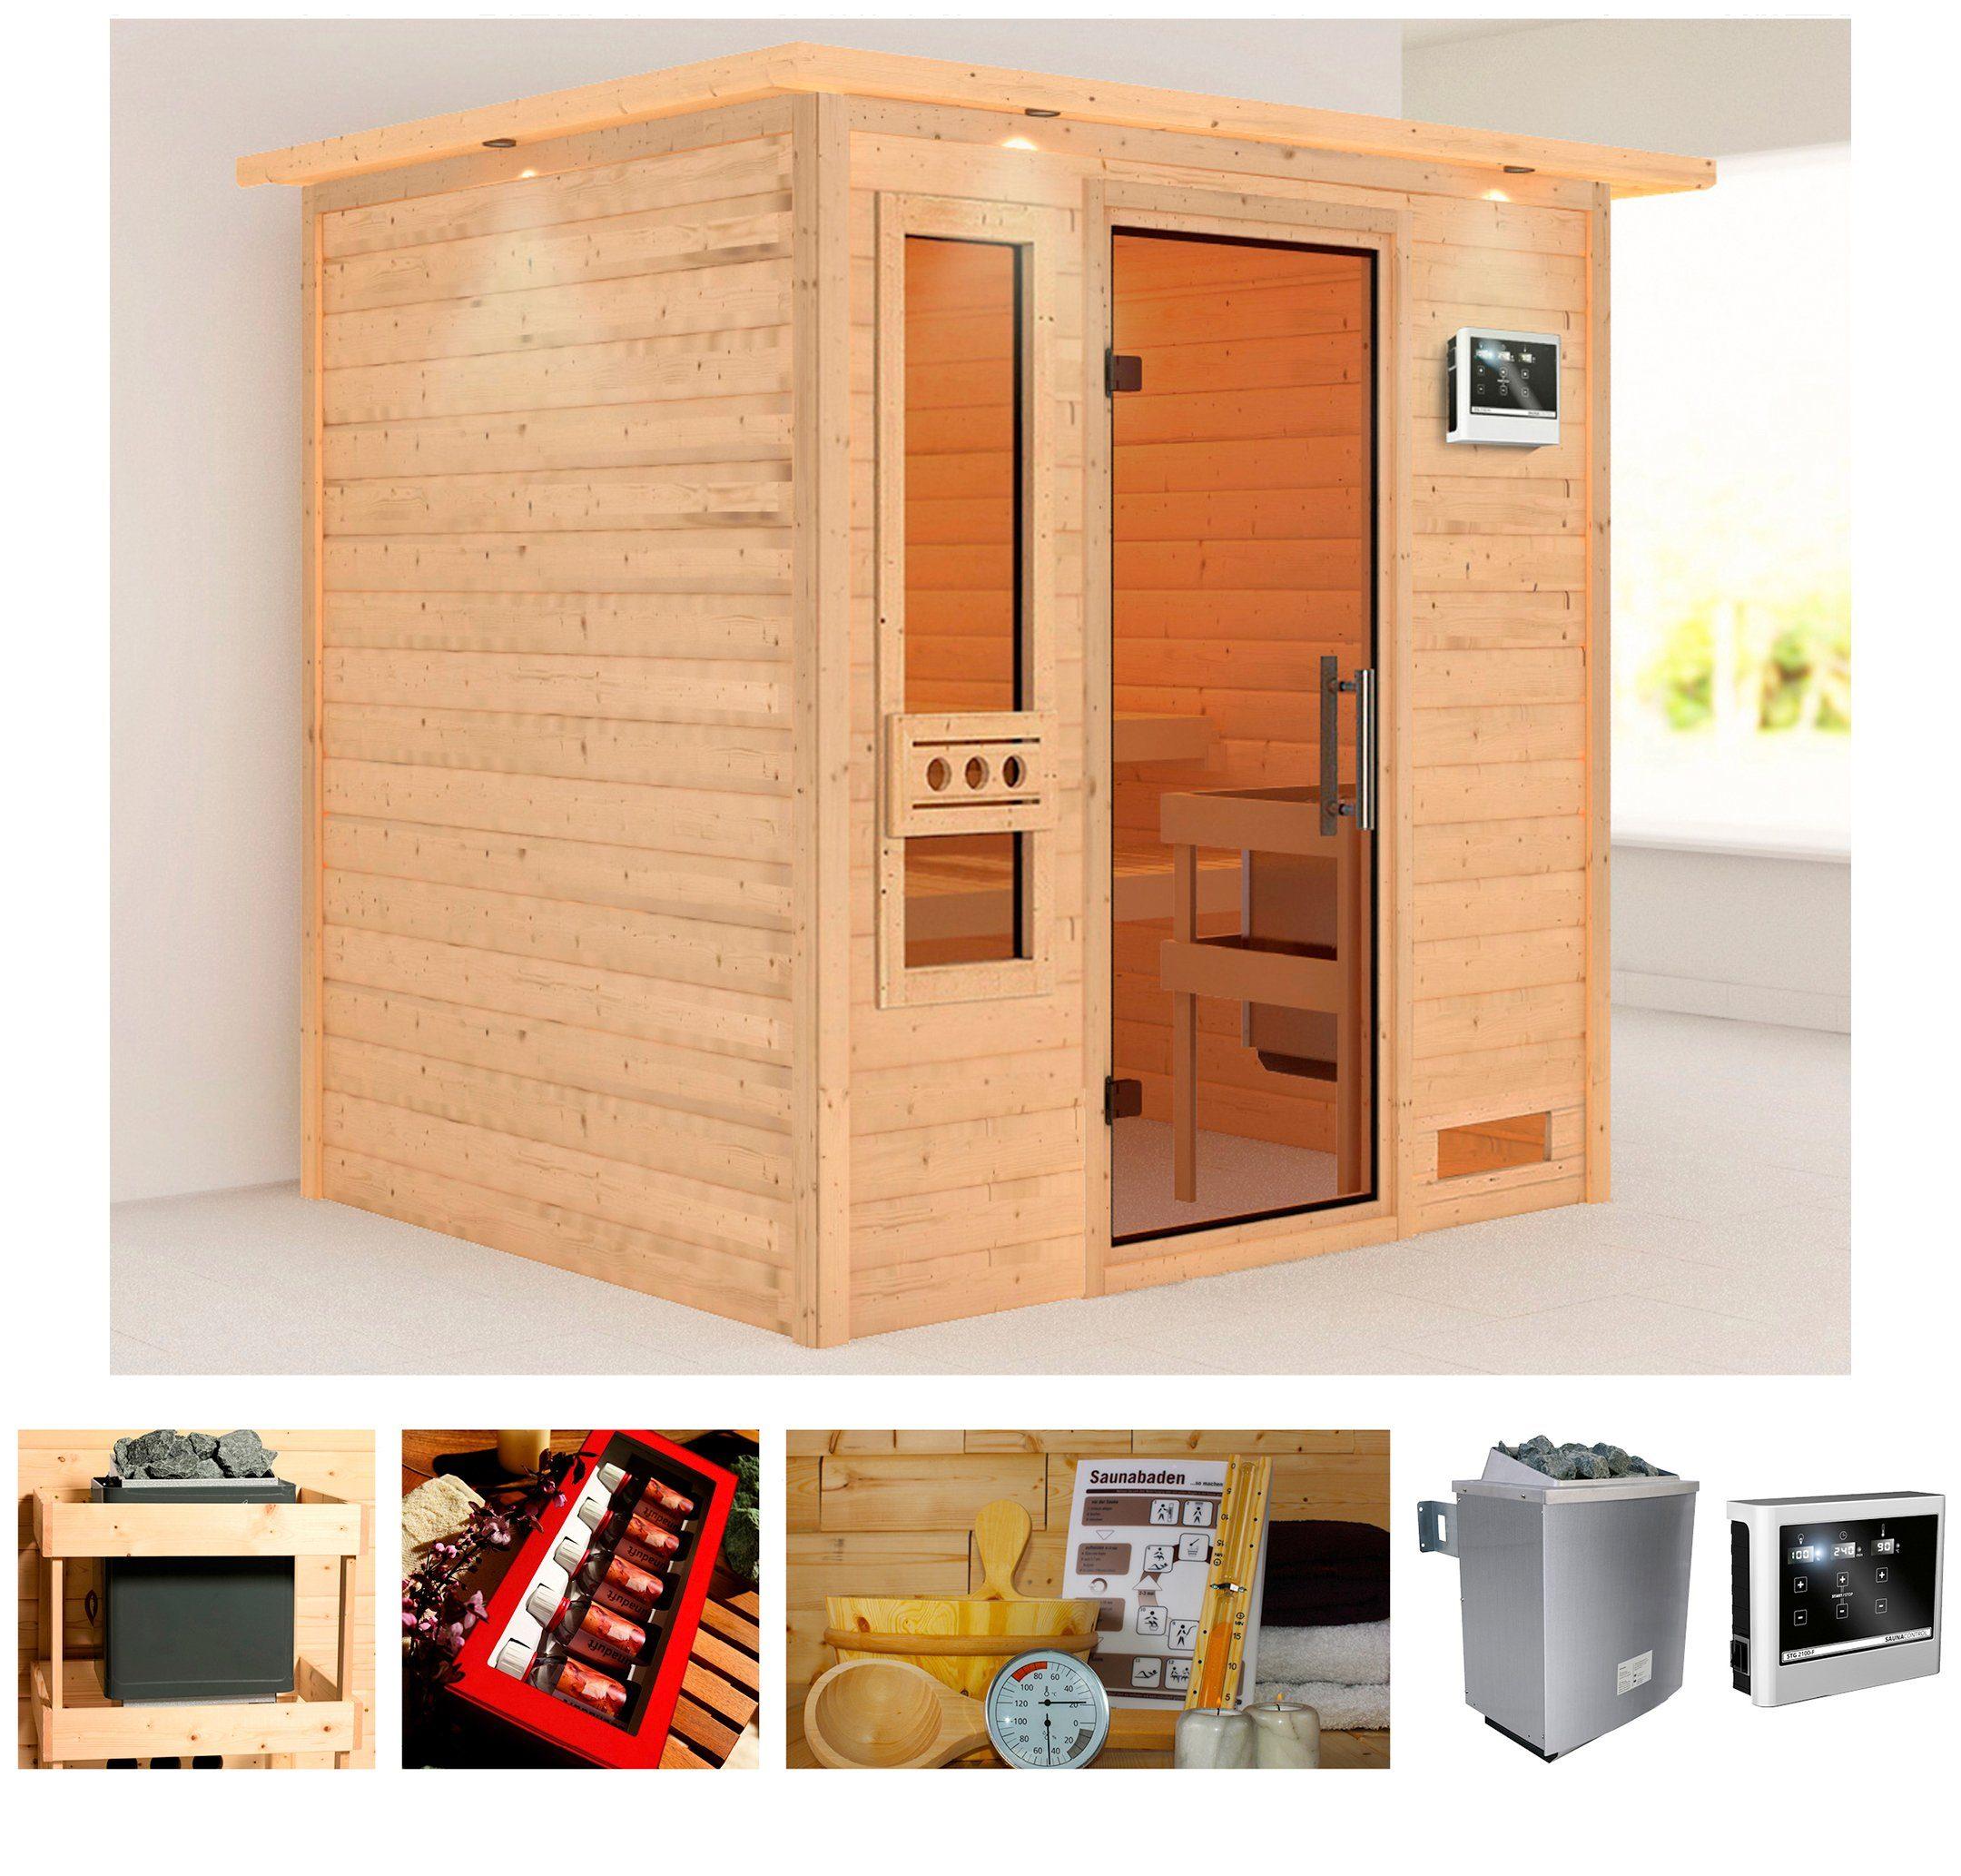 KONIFERA Sauna »Rissani«, Gesamtmaß: 224x184x191 cm, 38 mm, 9-kW-Ofen